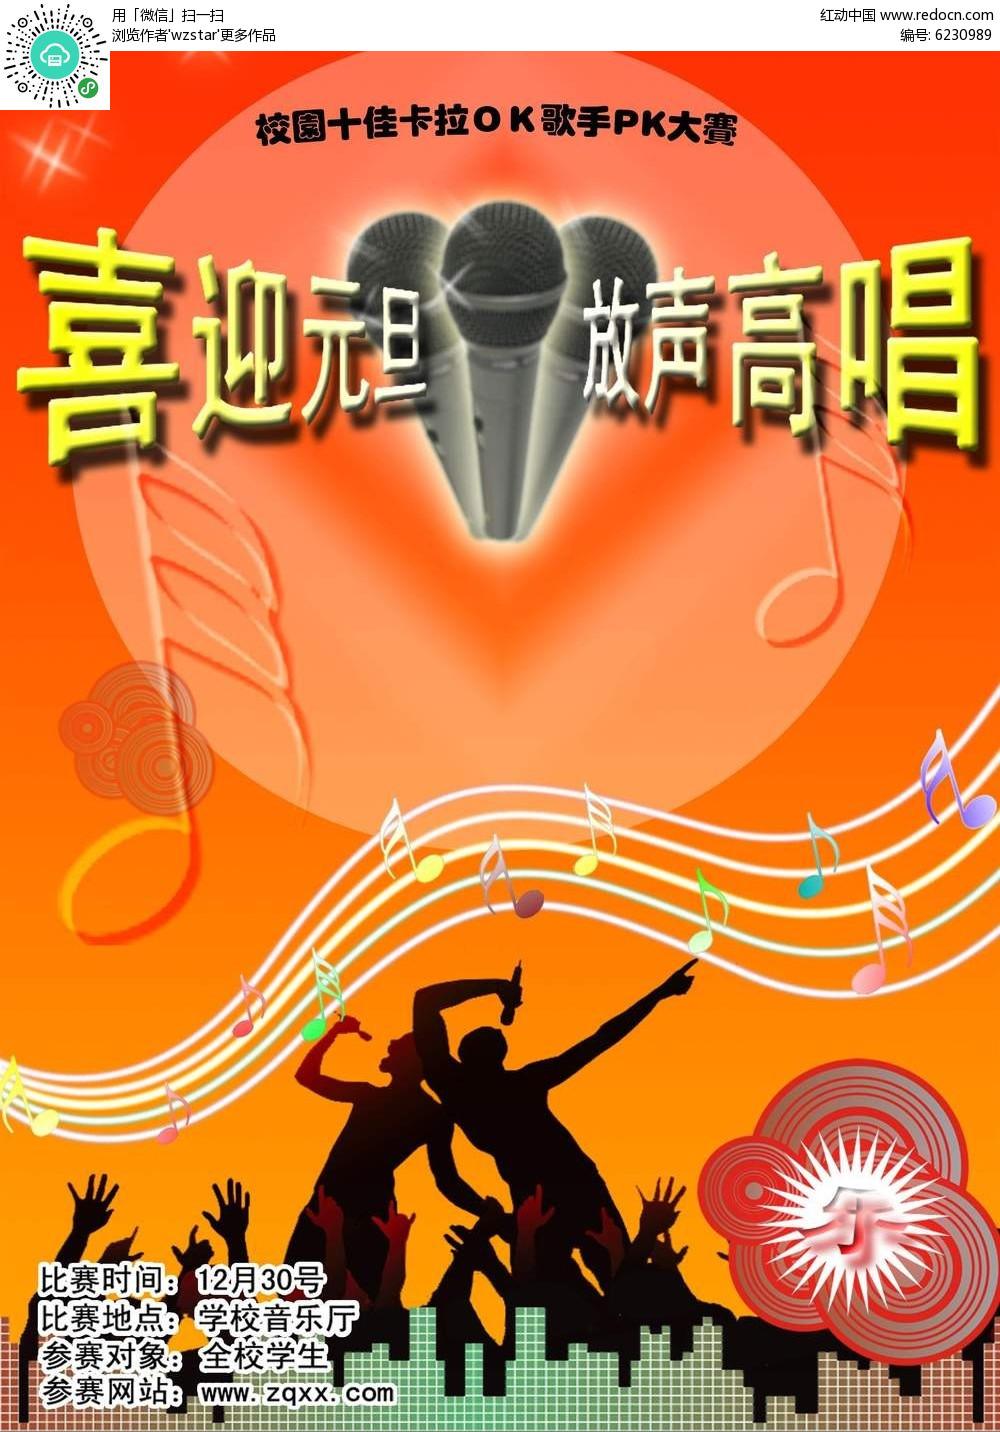 免费素材 psd素材 psd广告设计模板 其他 校园庆元旦歌唱比赛宣传海报